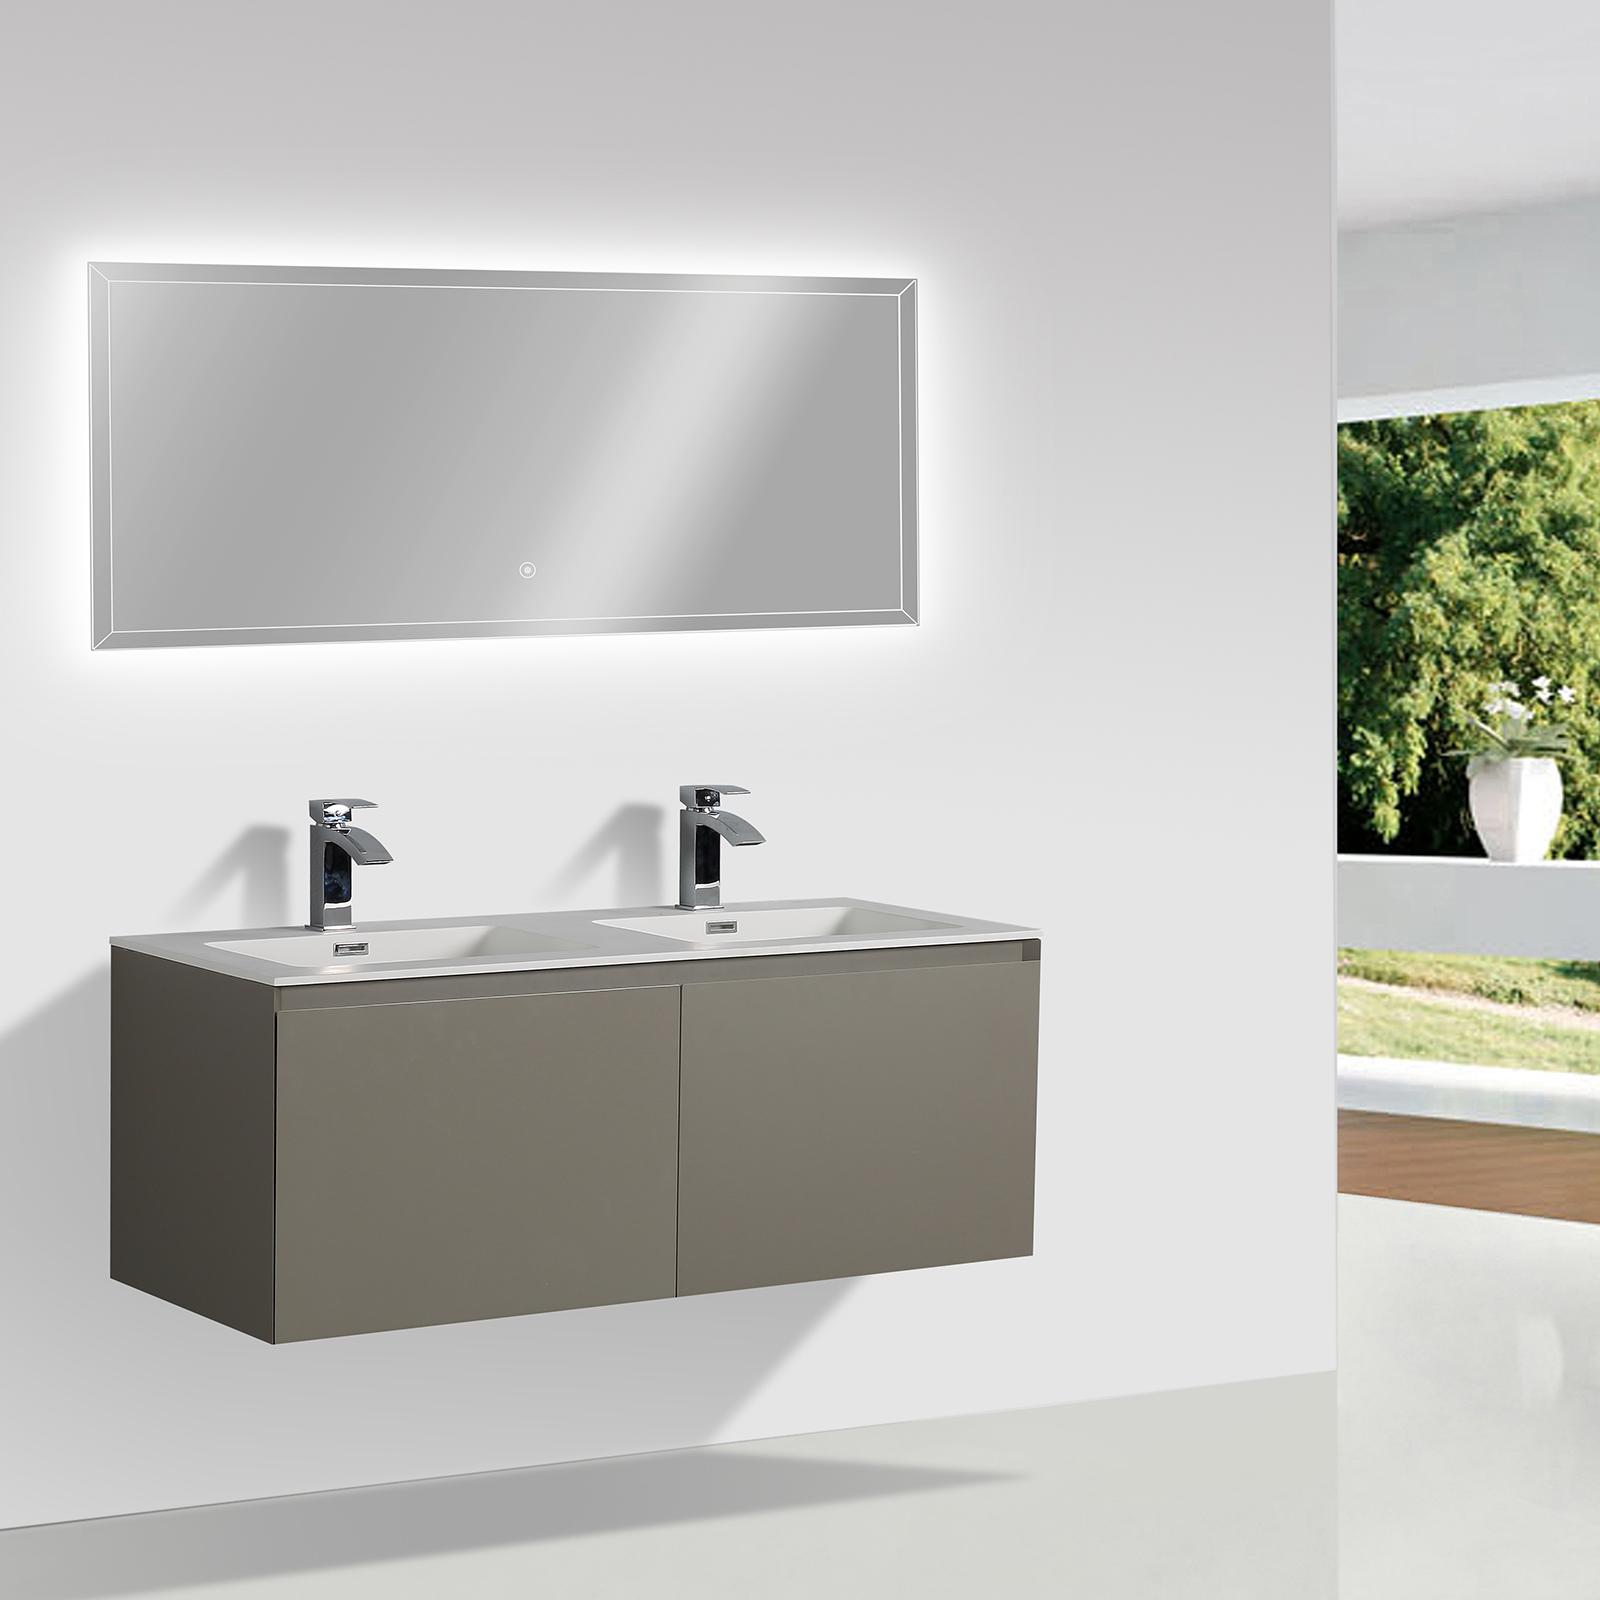 Mobile bagno Luna 1200 grigio opaco - Specchio opzionale Boutique ...